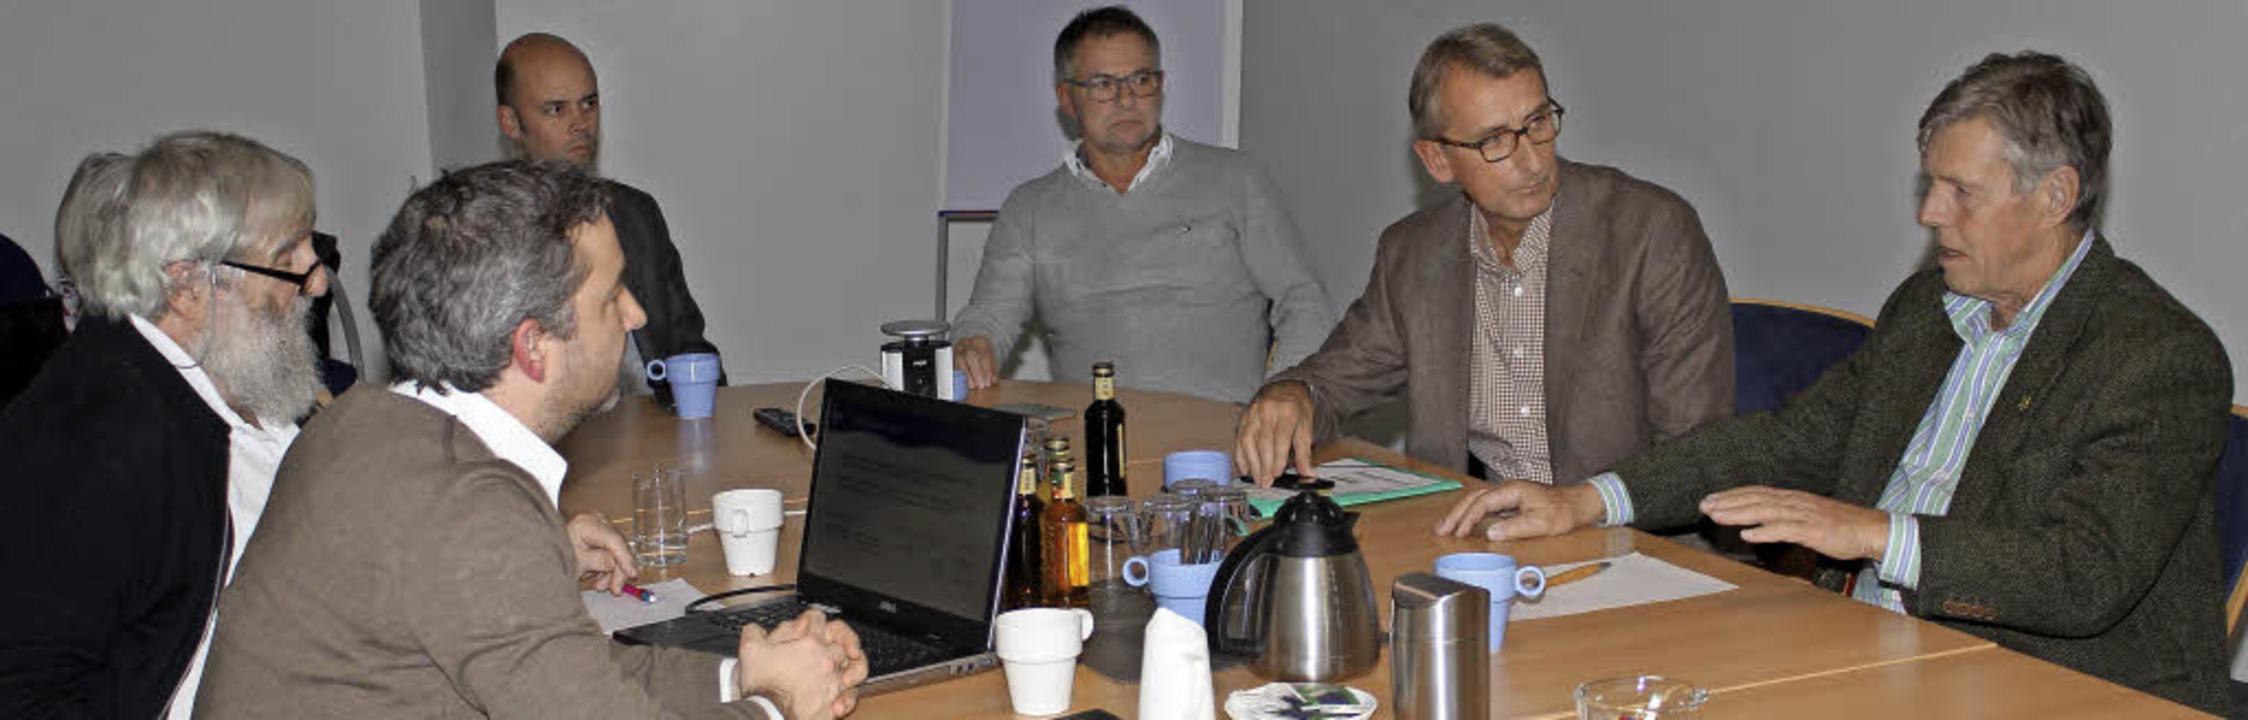 Dr. Michael und Alexander Sladek, Cars...links) bei der Diskussion in Schönau.   | Foto: Fabry